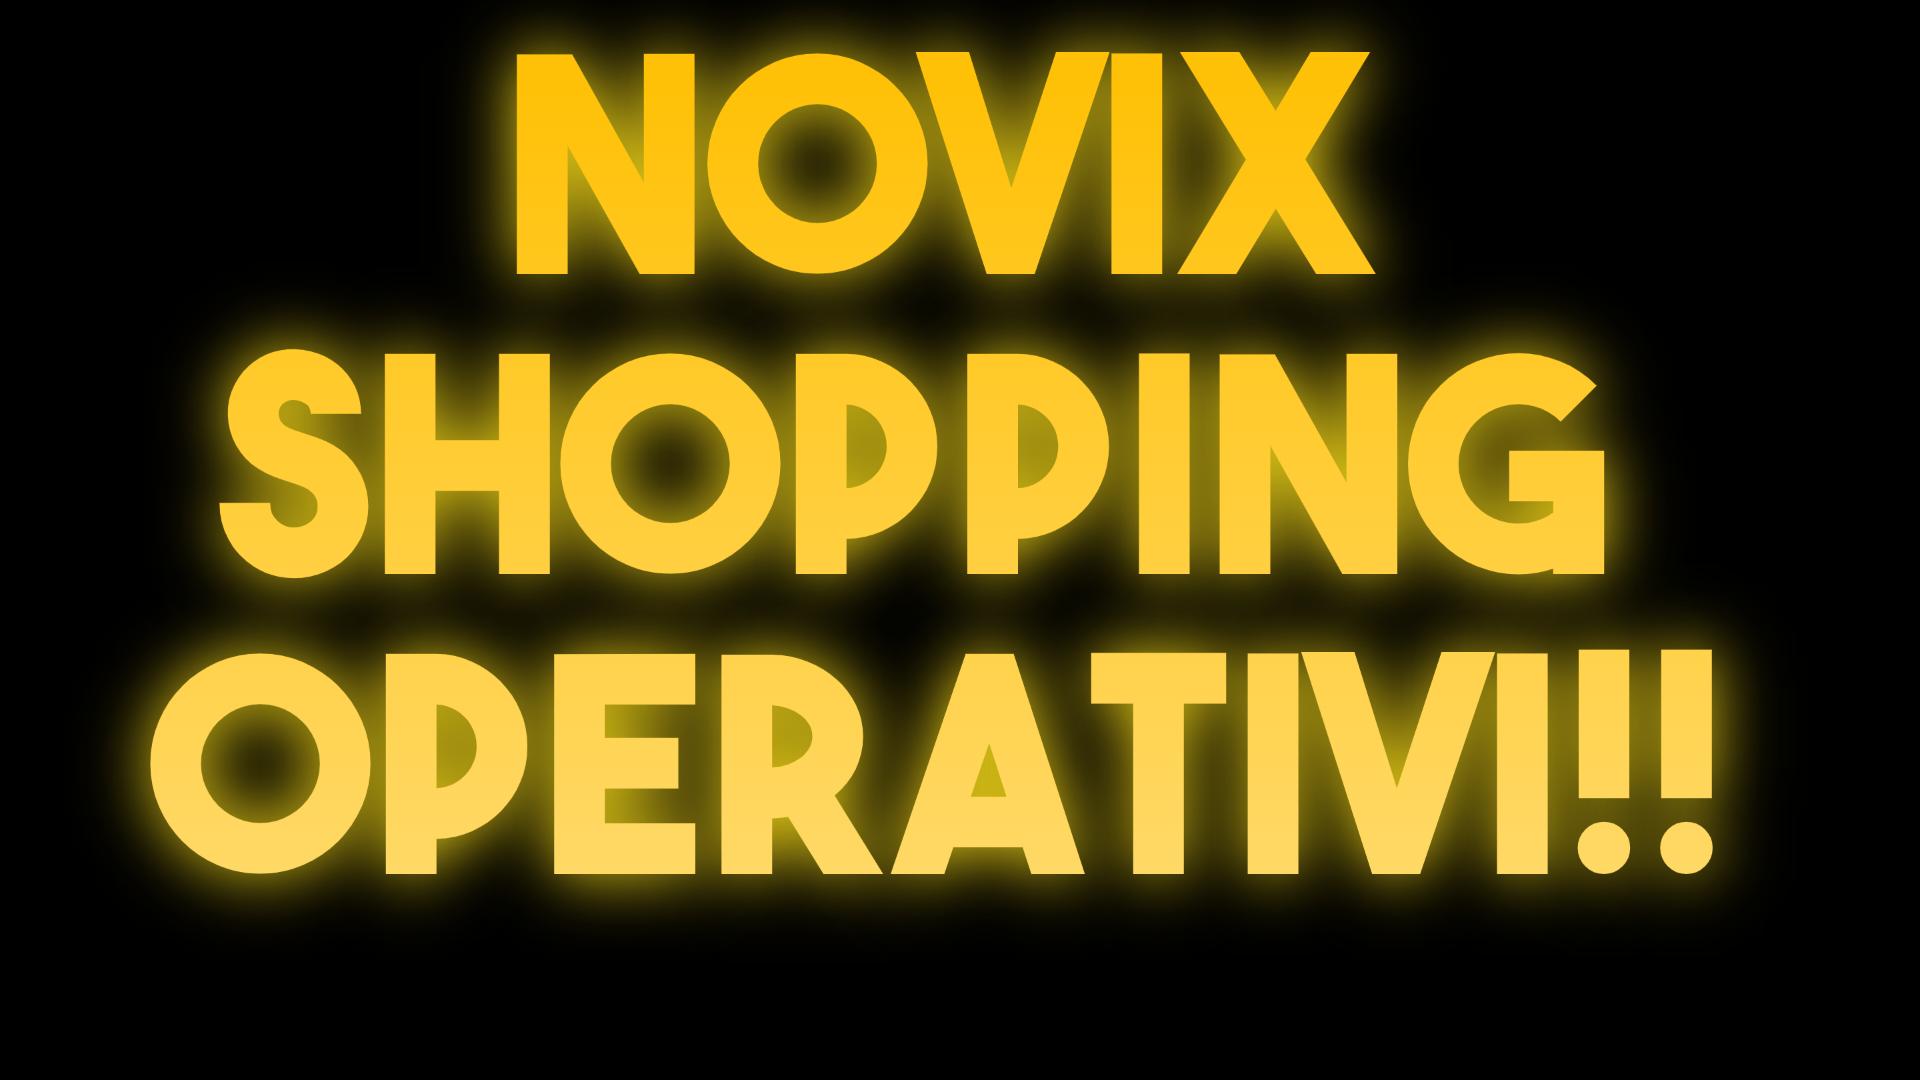 Novix Shopping